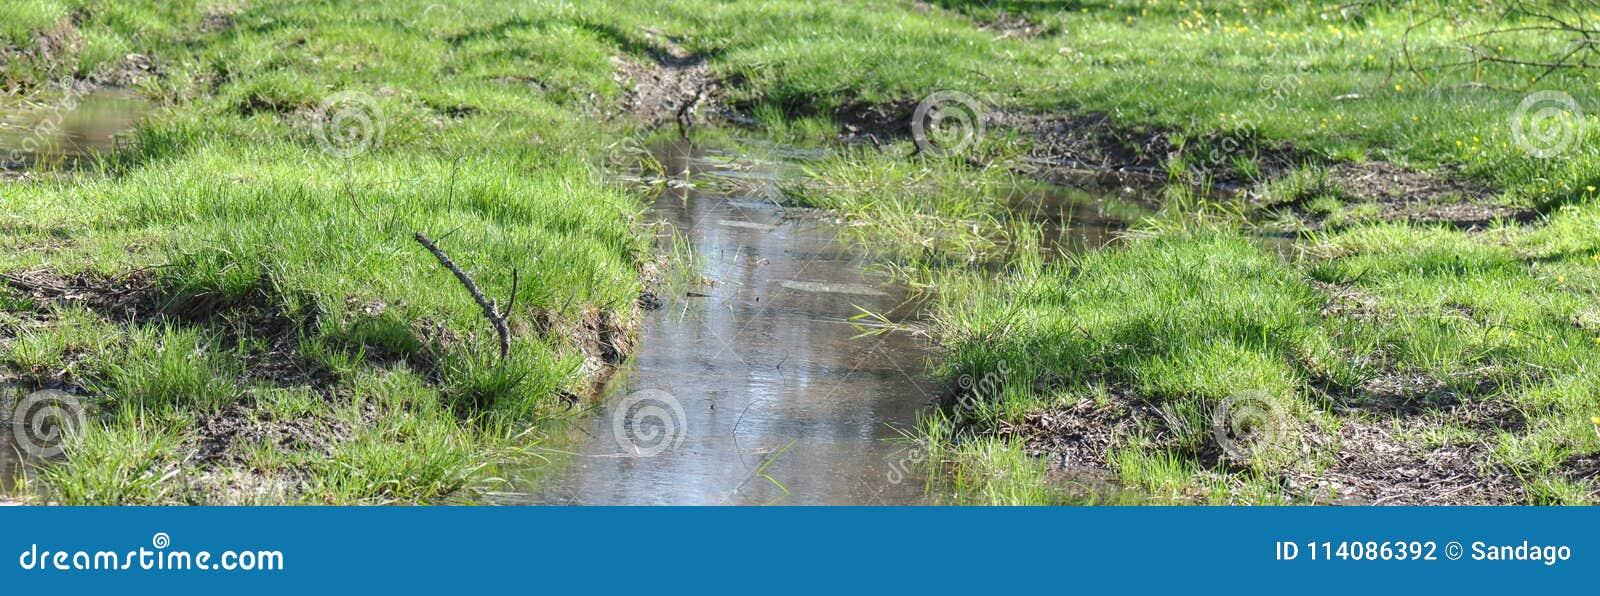 Pantano con la hierba verde